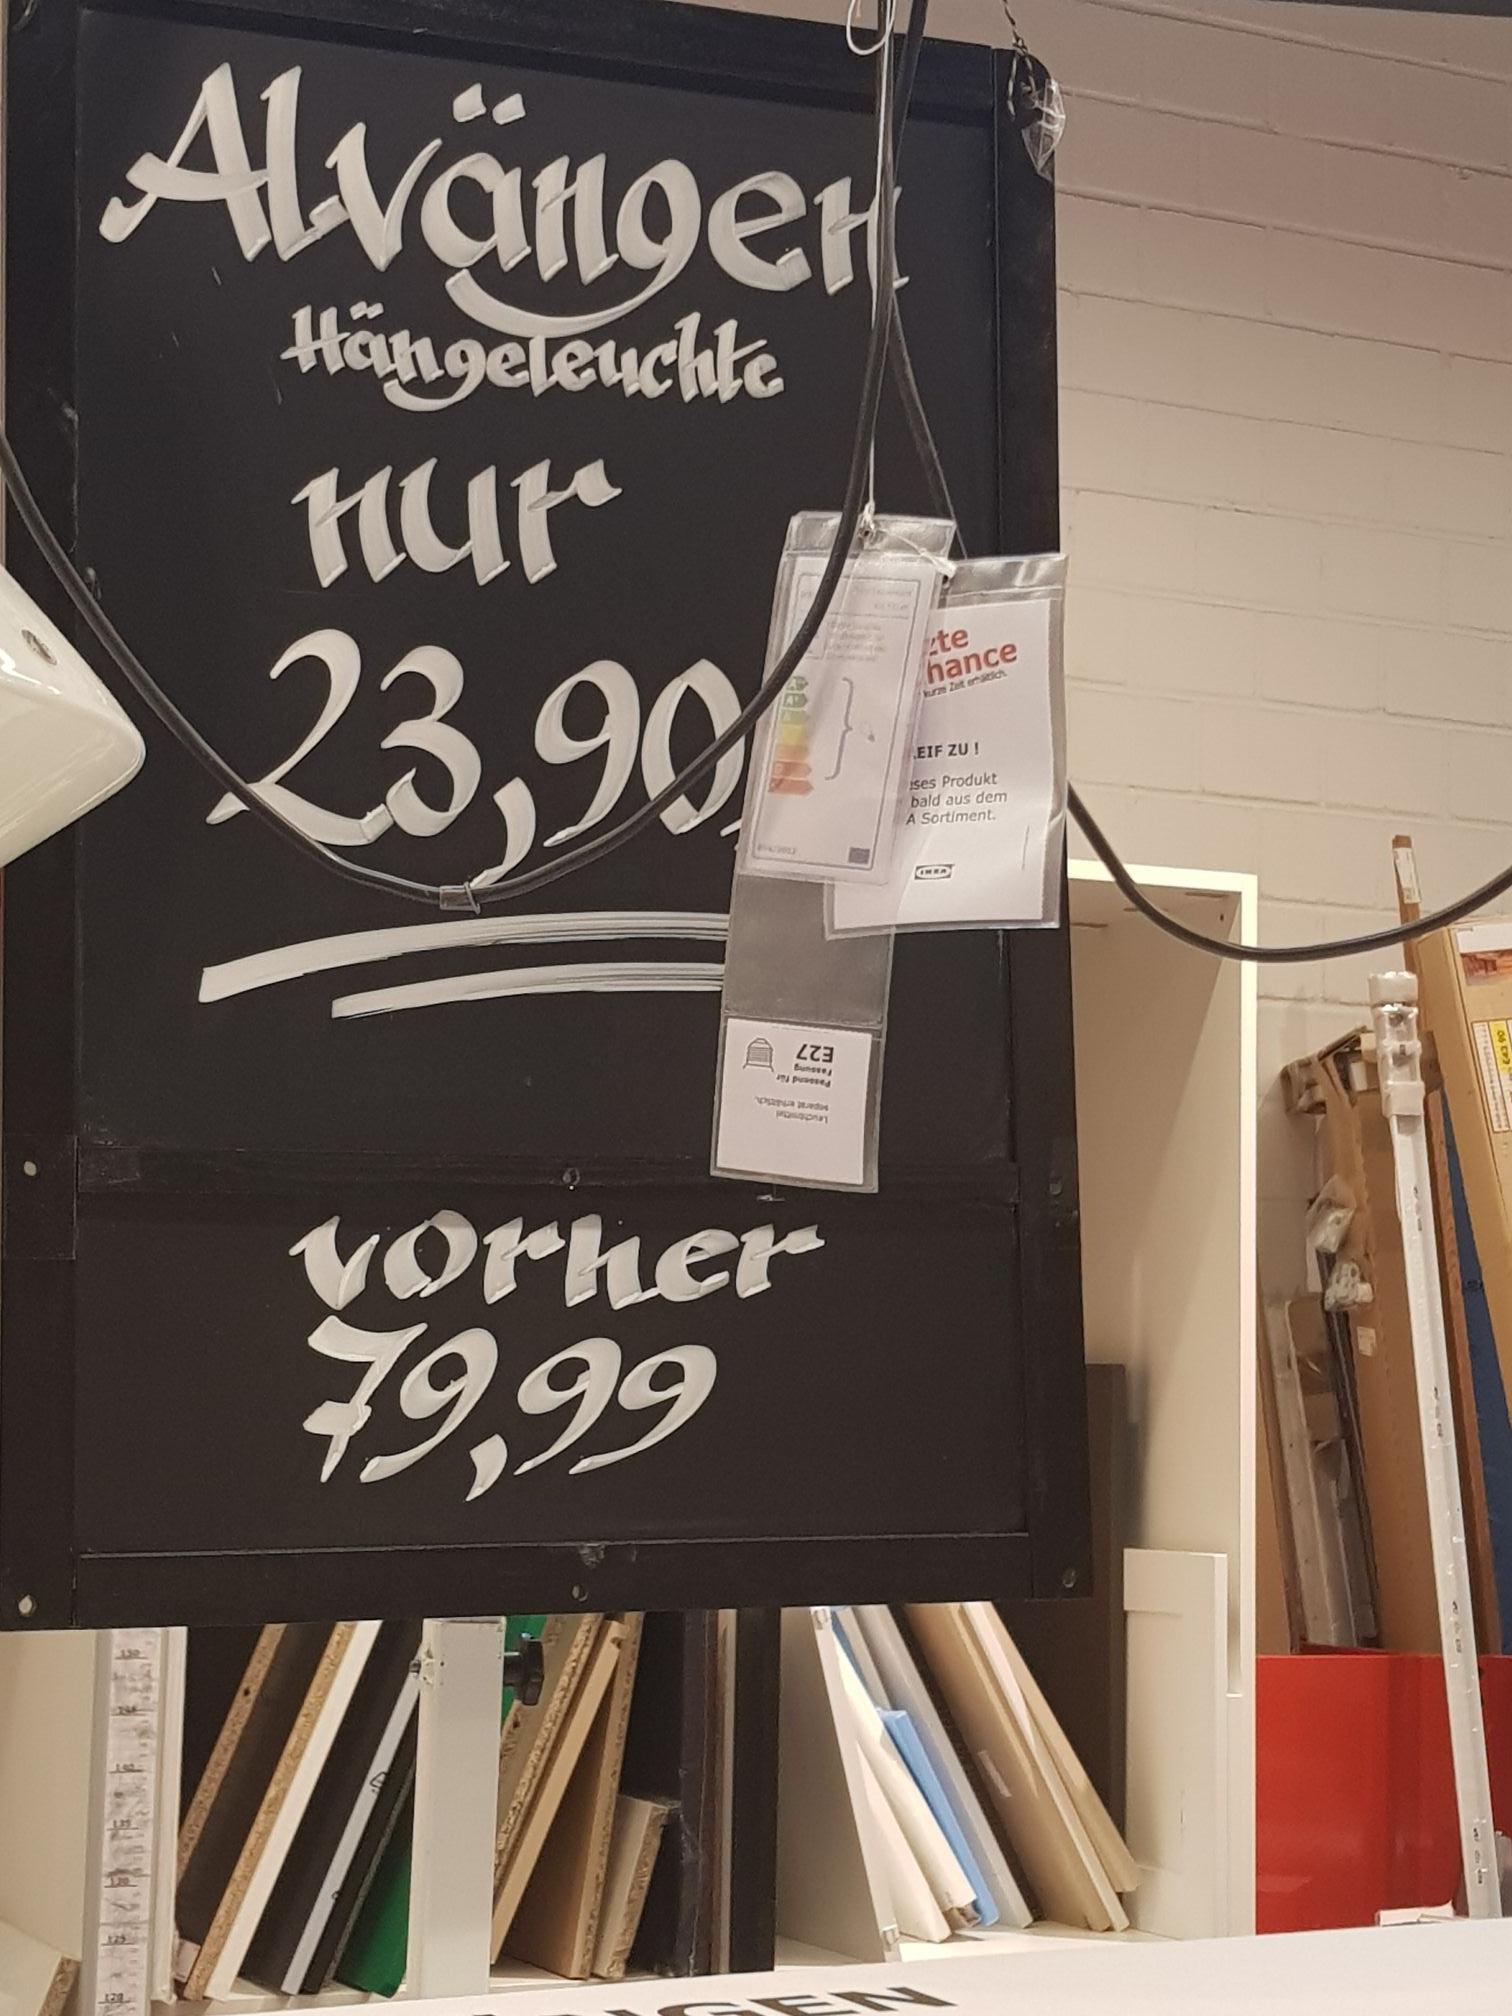 [LOKAL] Ikea Leipzig/Halle - Älvängen 2er Hängeleuchte